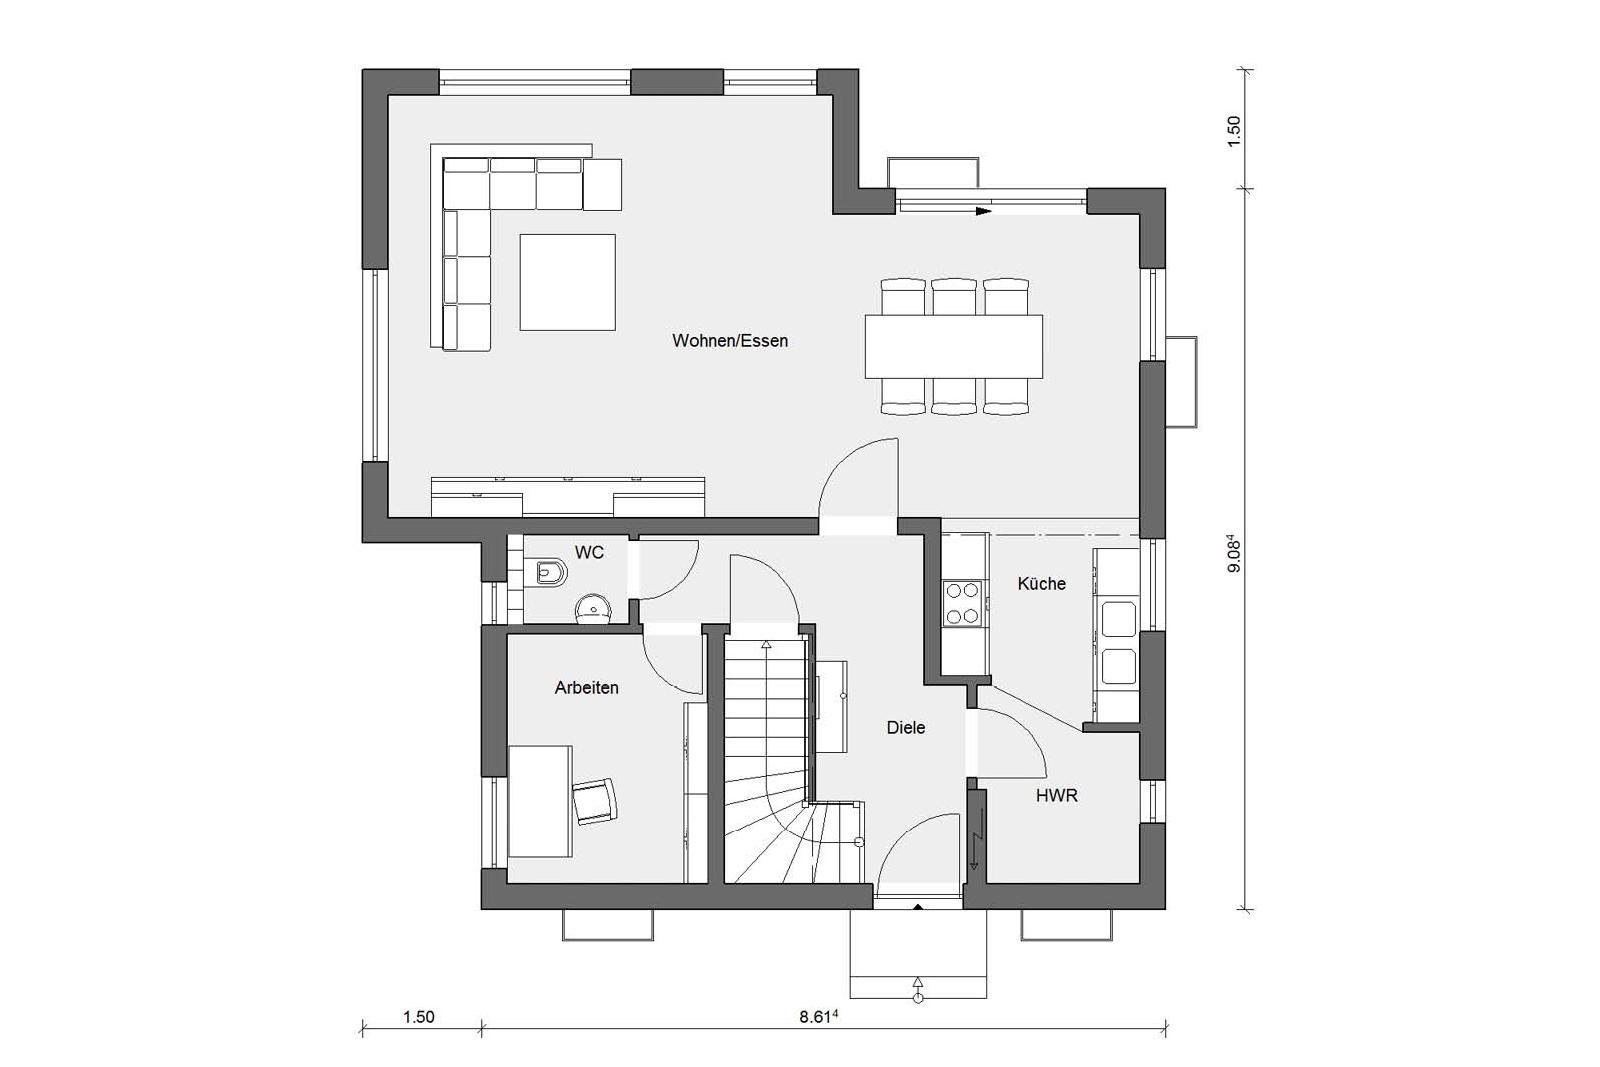 Maison Cubique Epuree Avec Annexe Moderne Schworerhaus